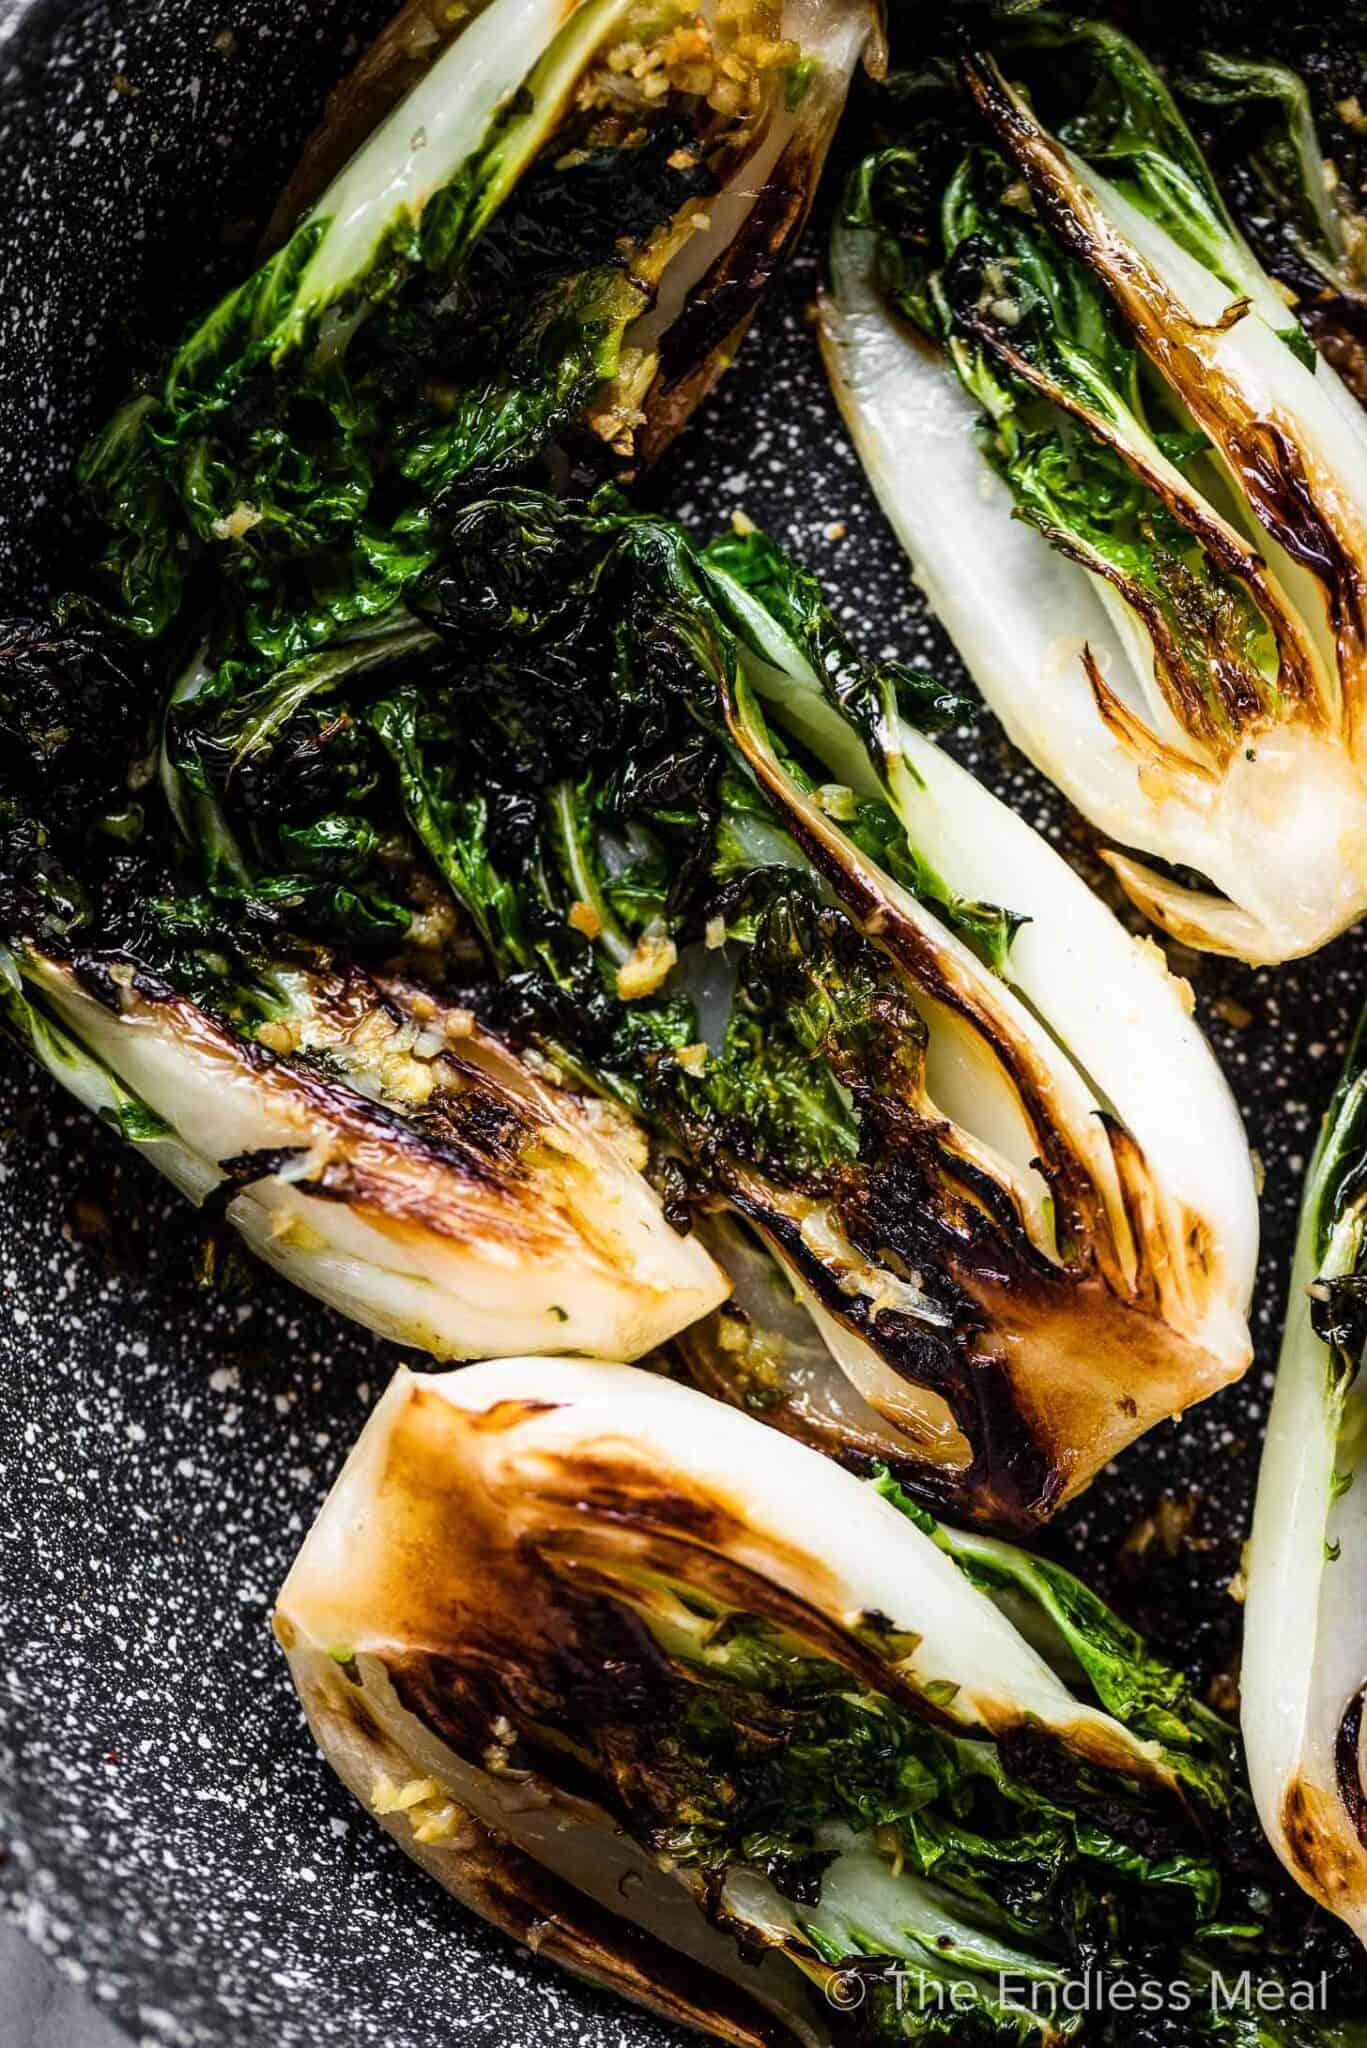 Sautéed Bok Choy in a pan.